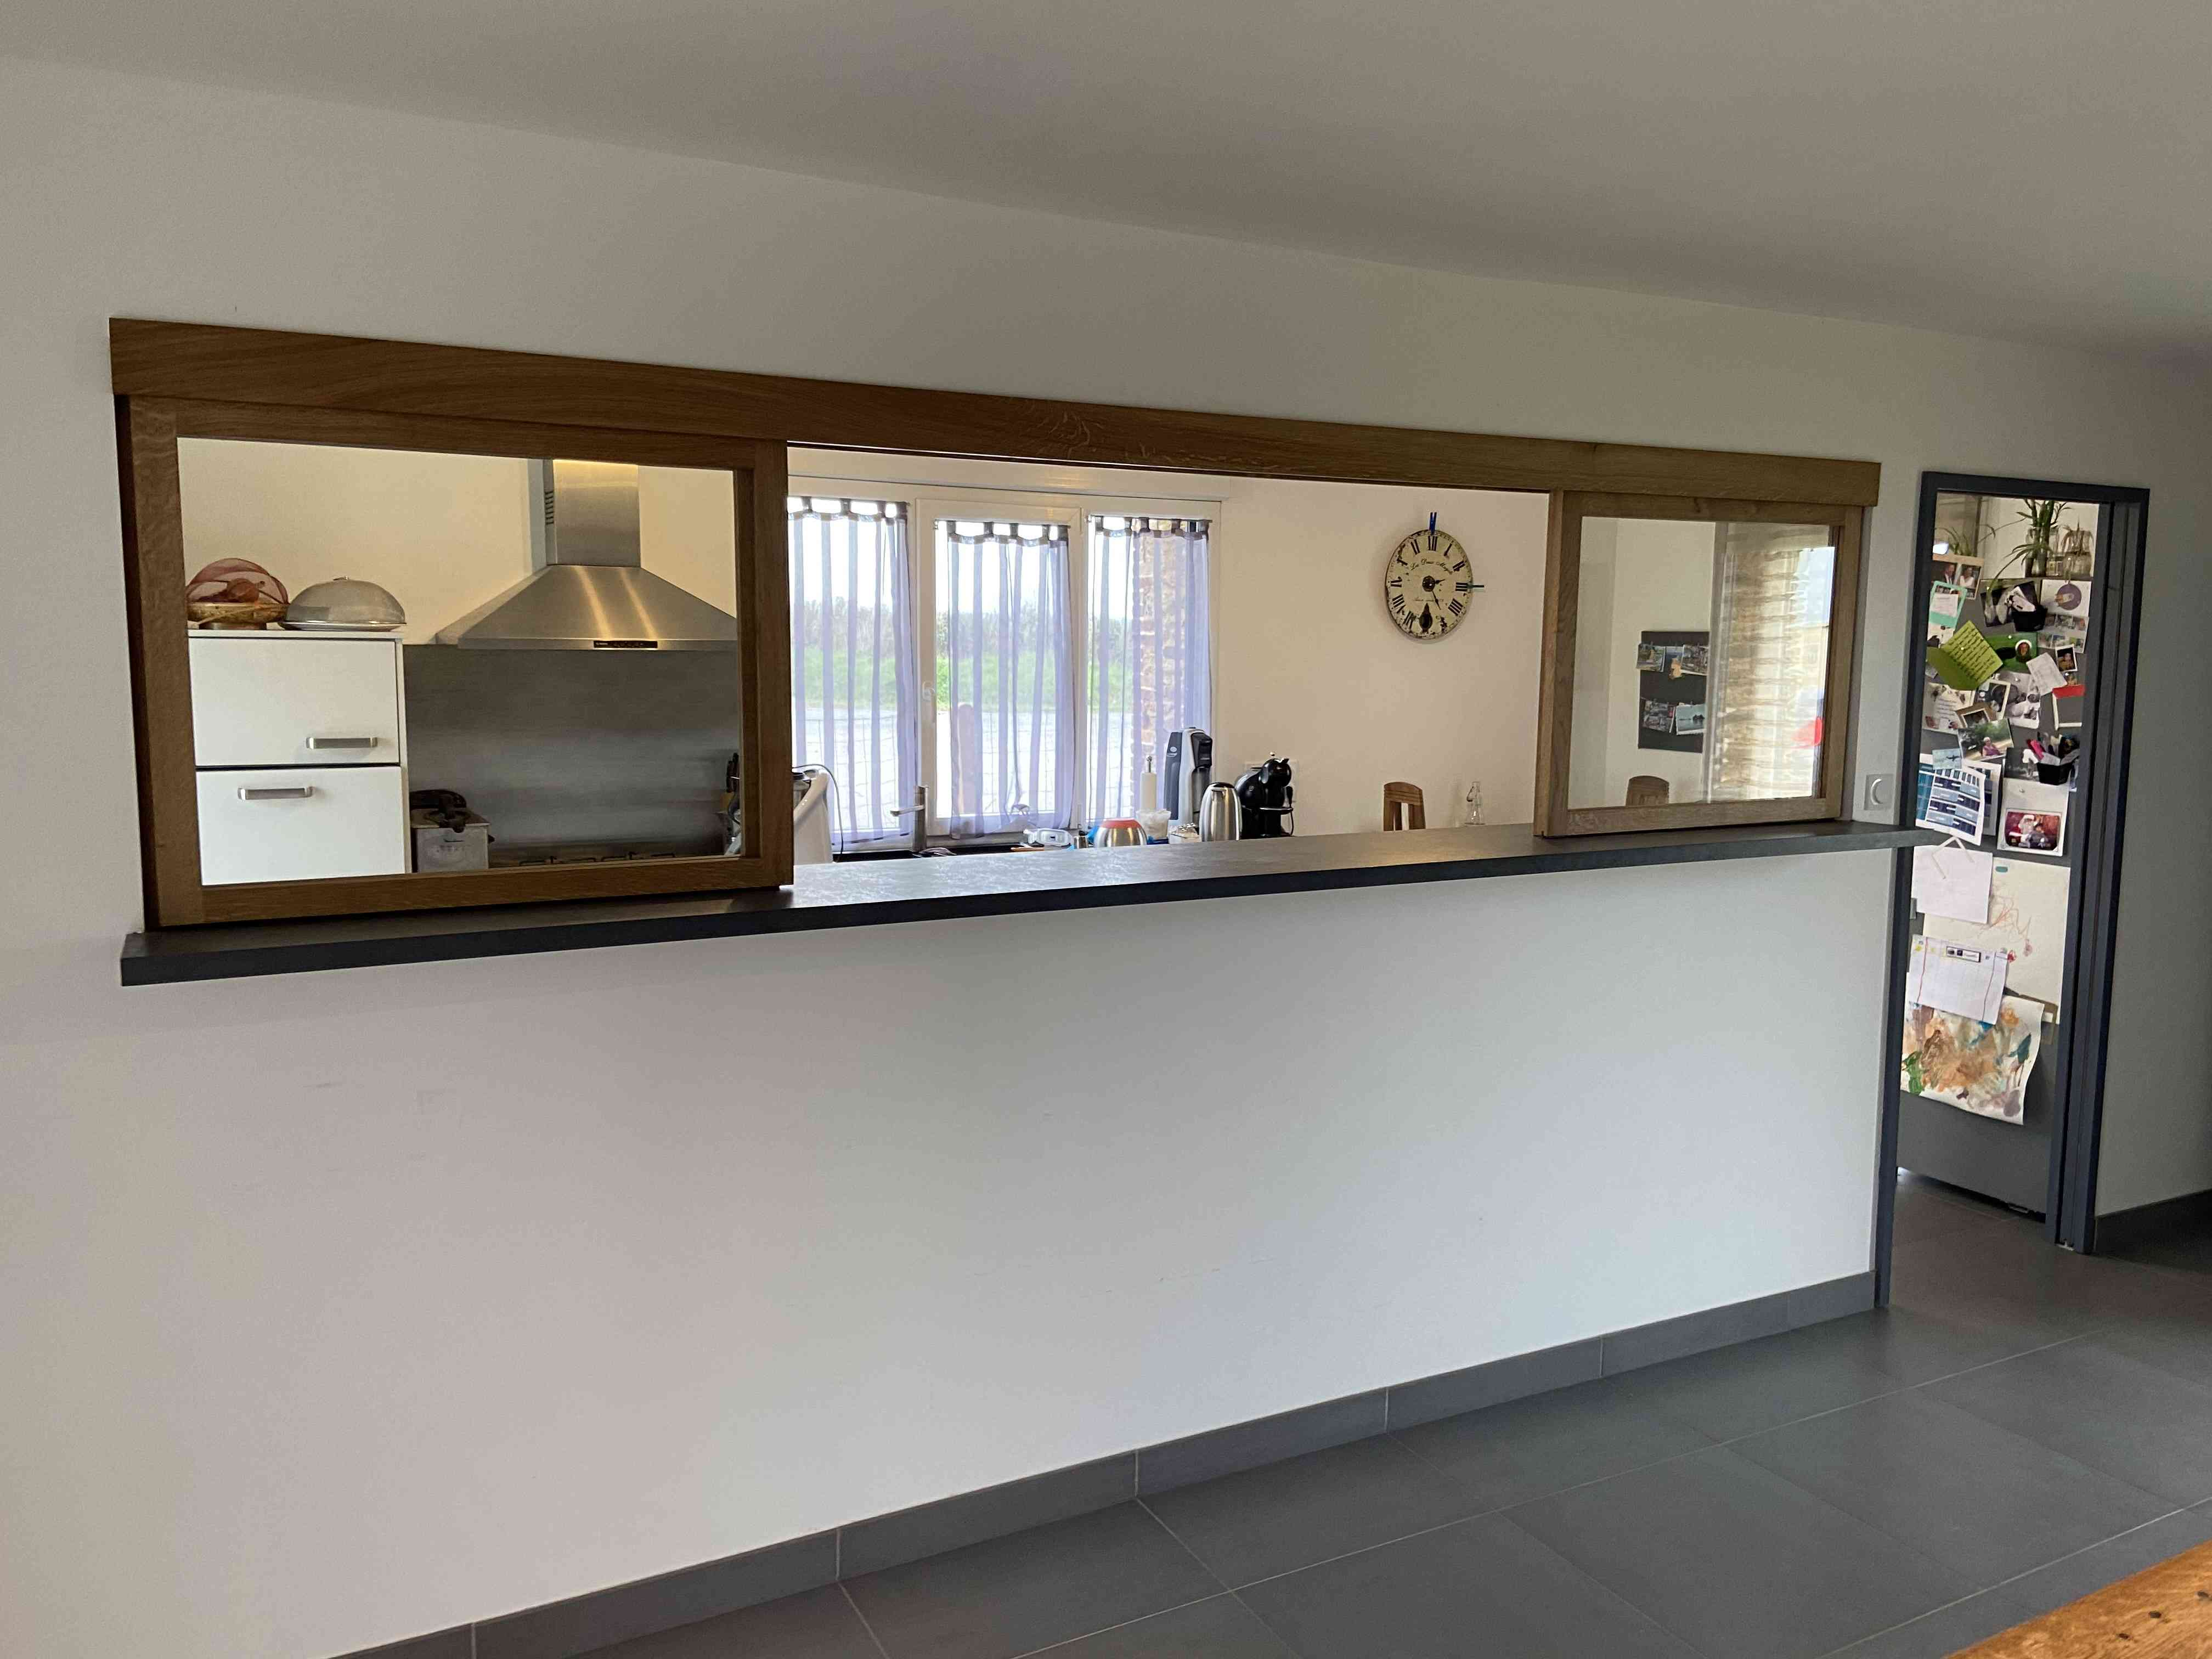 IMG 0617 - Verrière coulissante en chêne entre cuisine et séjour